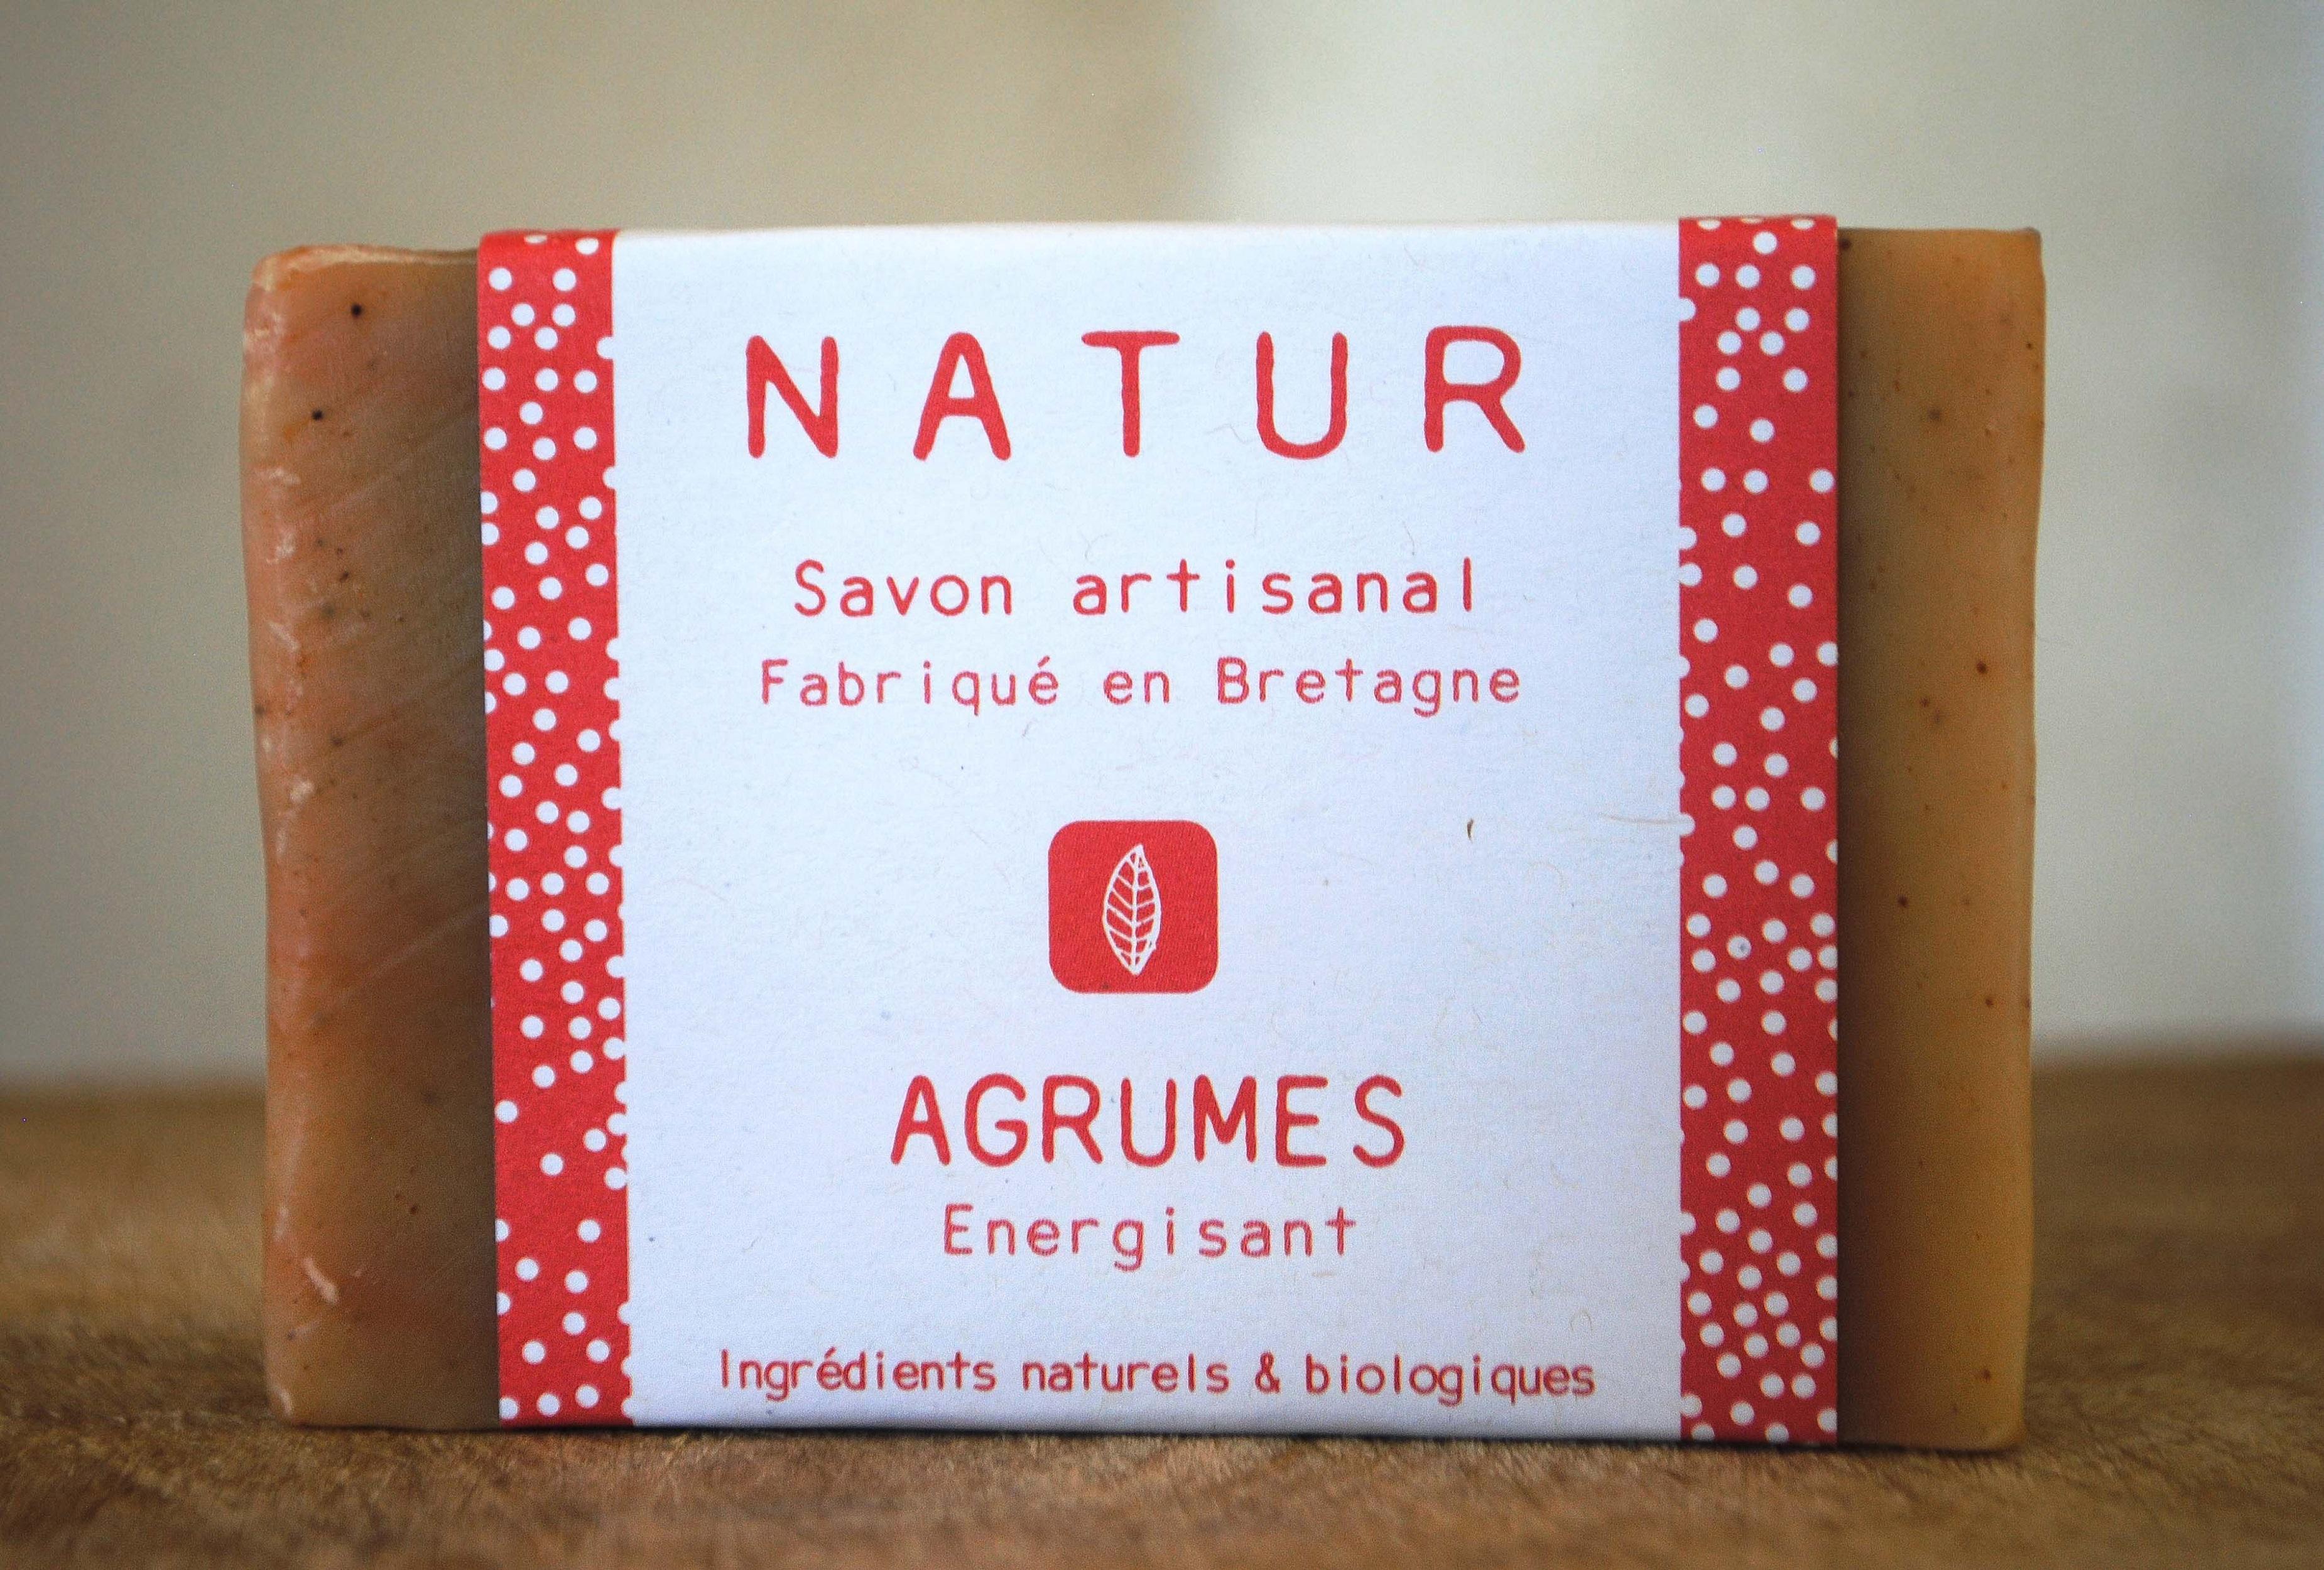 Savon aux agrumes – Energisant saponification à froid saf savonnerie artisanale Bretagne Finistère